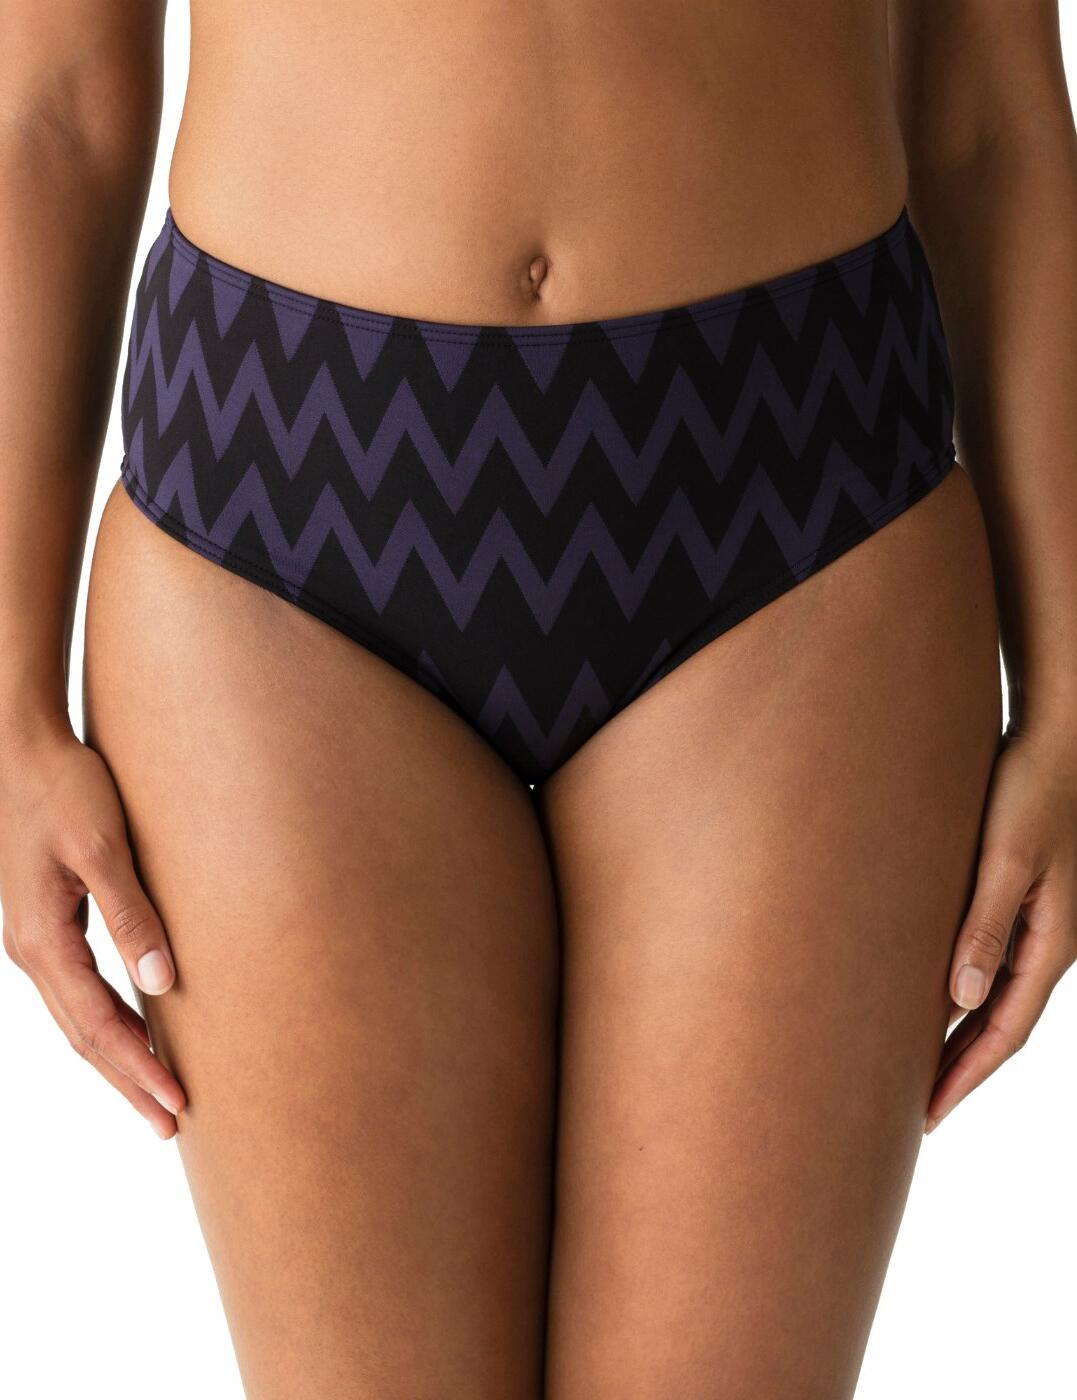 4005651 Prima Donna Venice Full Bikini Brief - 4005651 Black